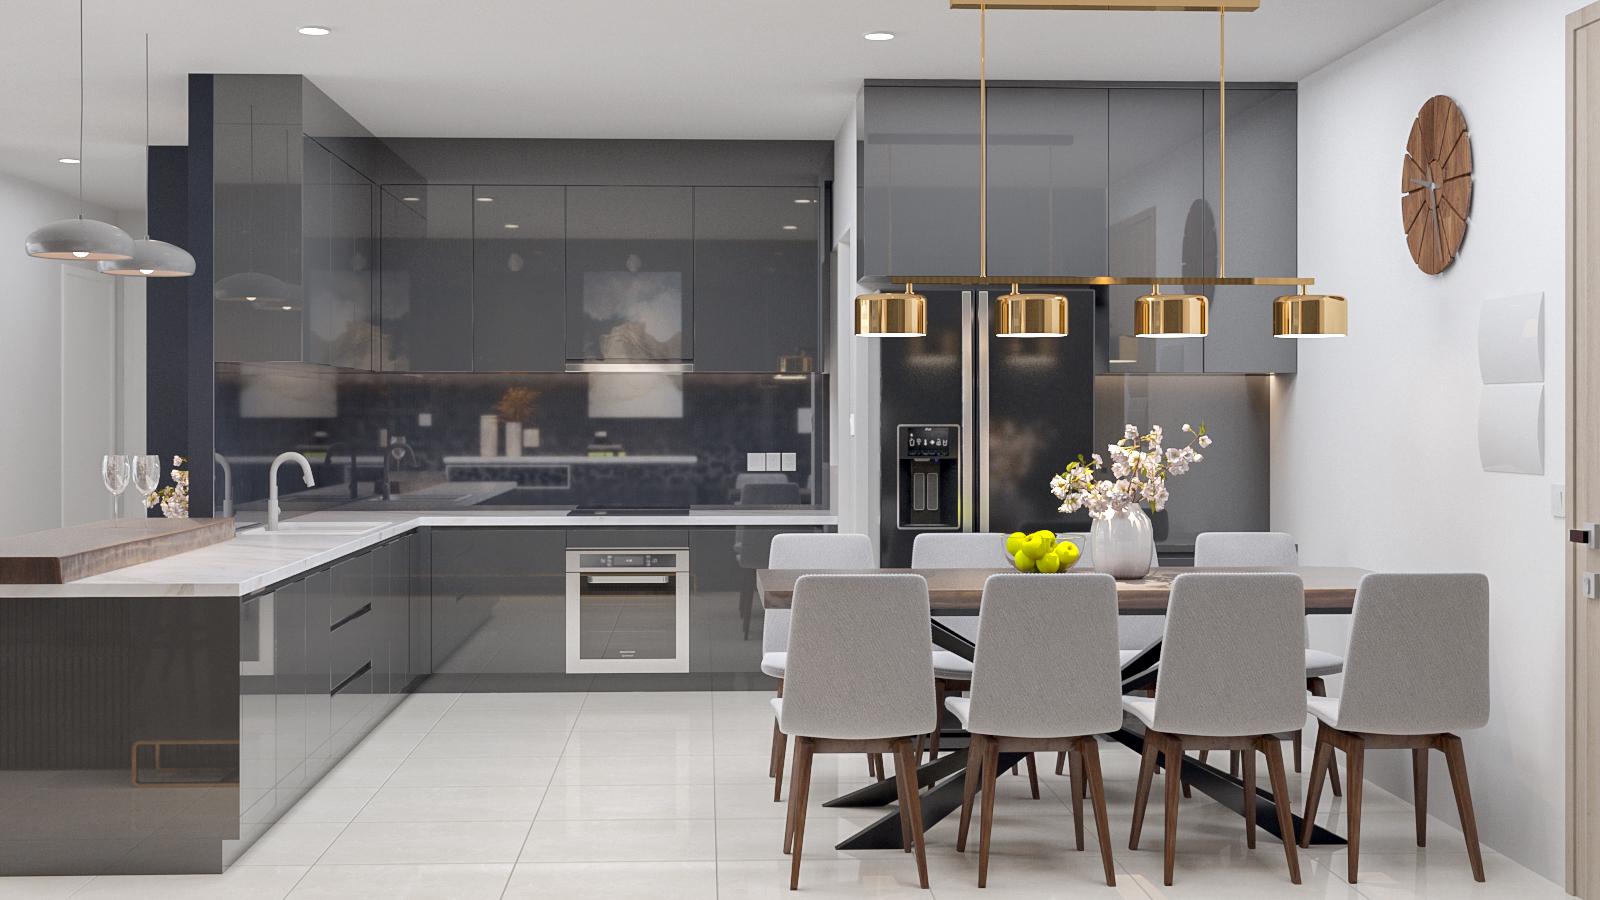 Trần sáng mở rộng không gian, giúp các mảng tường tối màu trở nên bớt ngột ngạt ( Công trình căn hộ cao cấp Estella do Thước Tầm Group thiết kế và thi công)